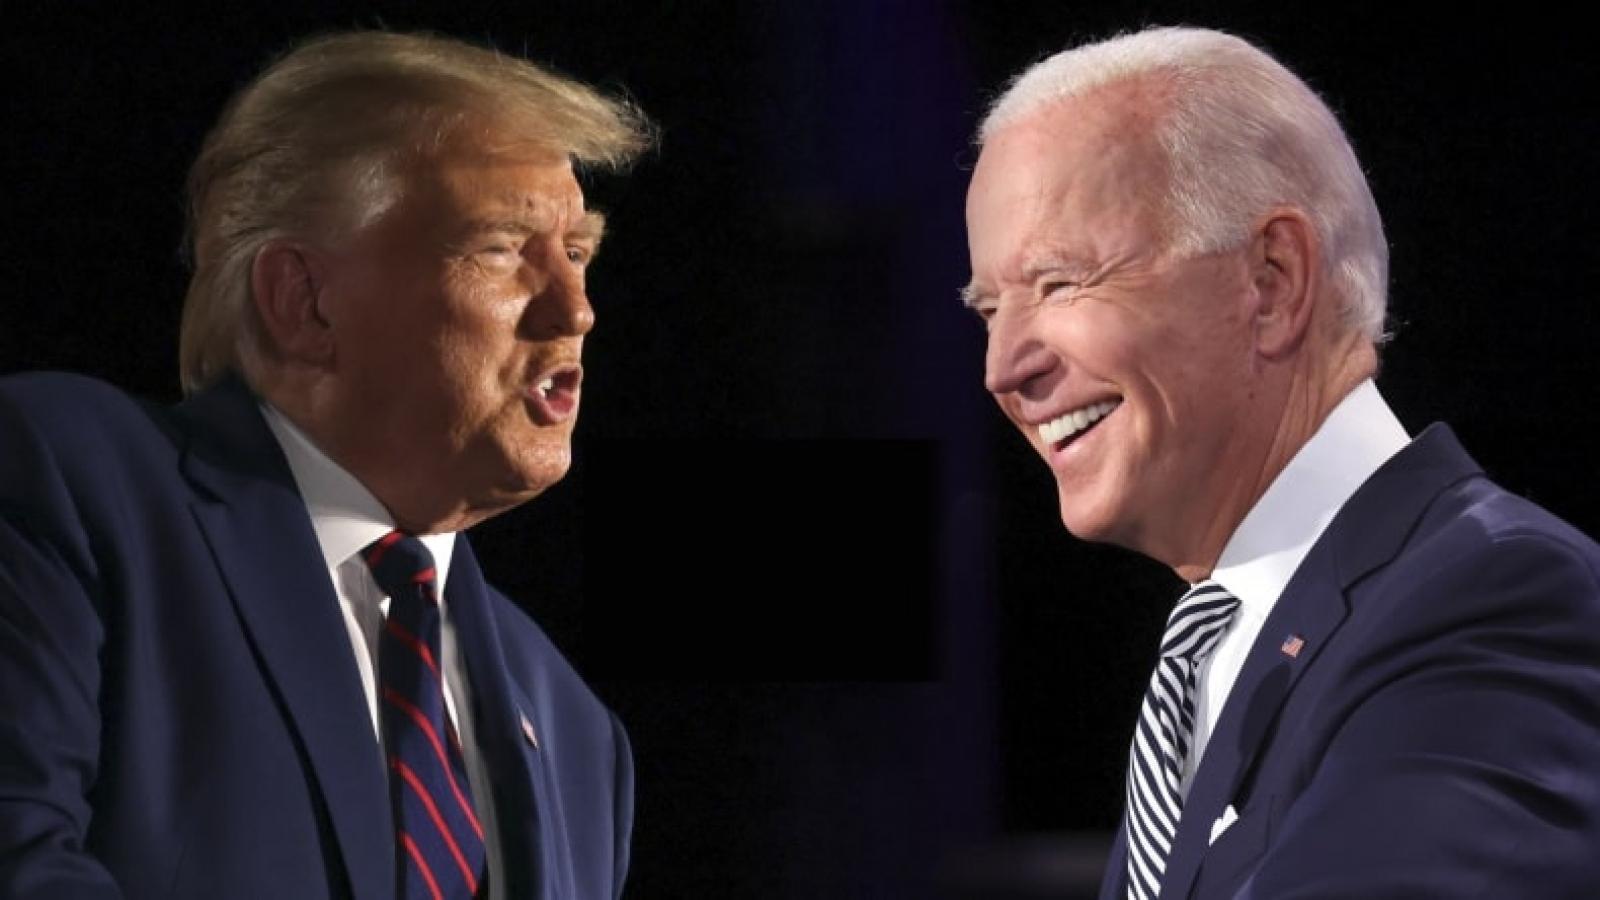 Bầu cử Mỹ: Biden bỏ xa Trump tới 50 điểm trong khảo sát với sinh viên đại học